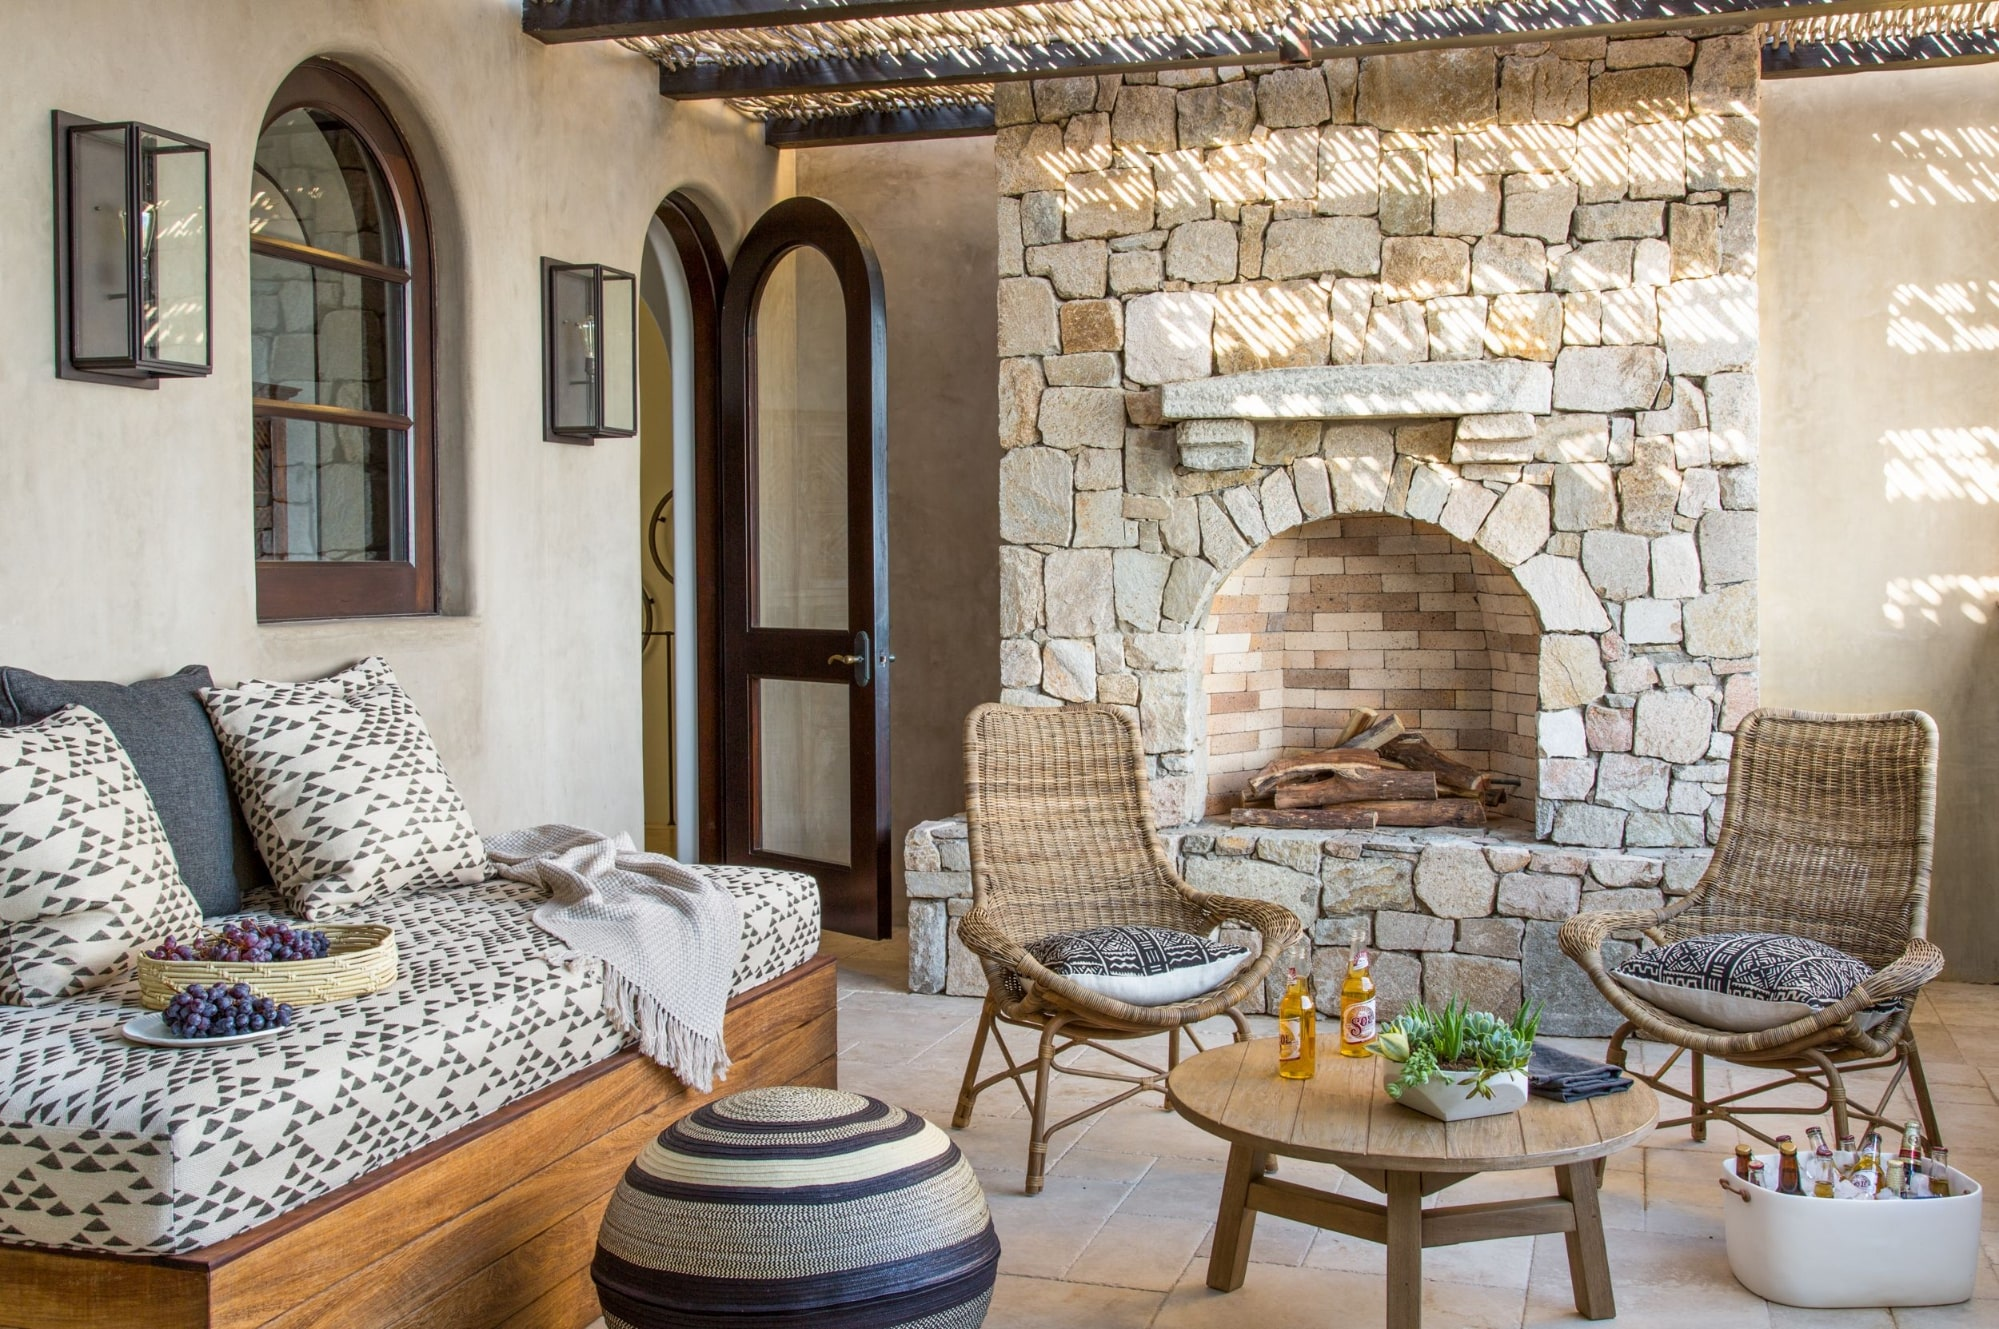 mẫu phong cách thiết kế nội thất địa trung hải đẹp